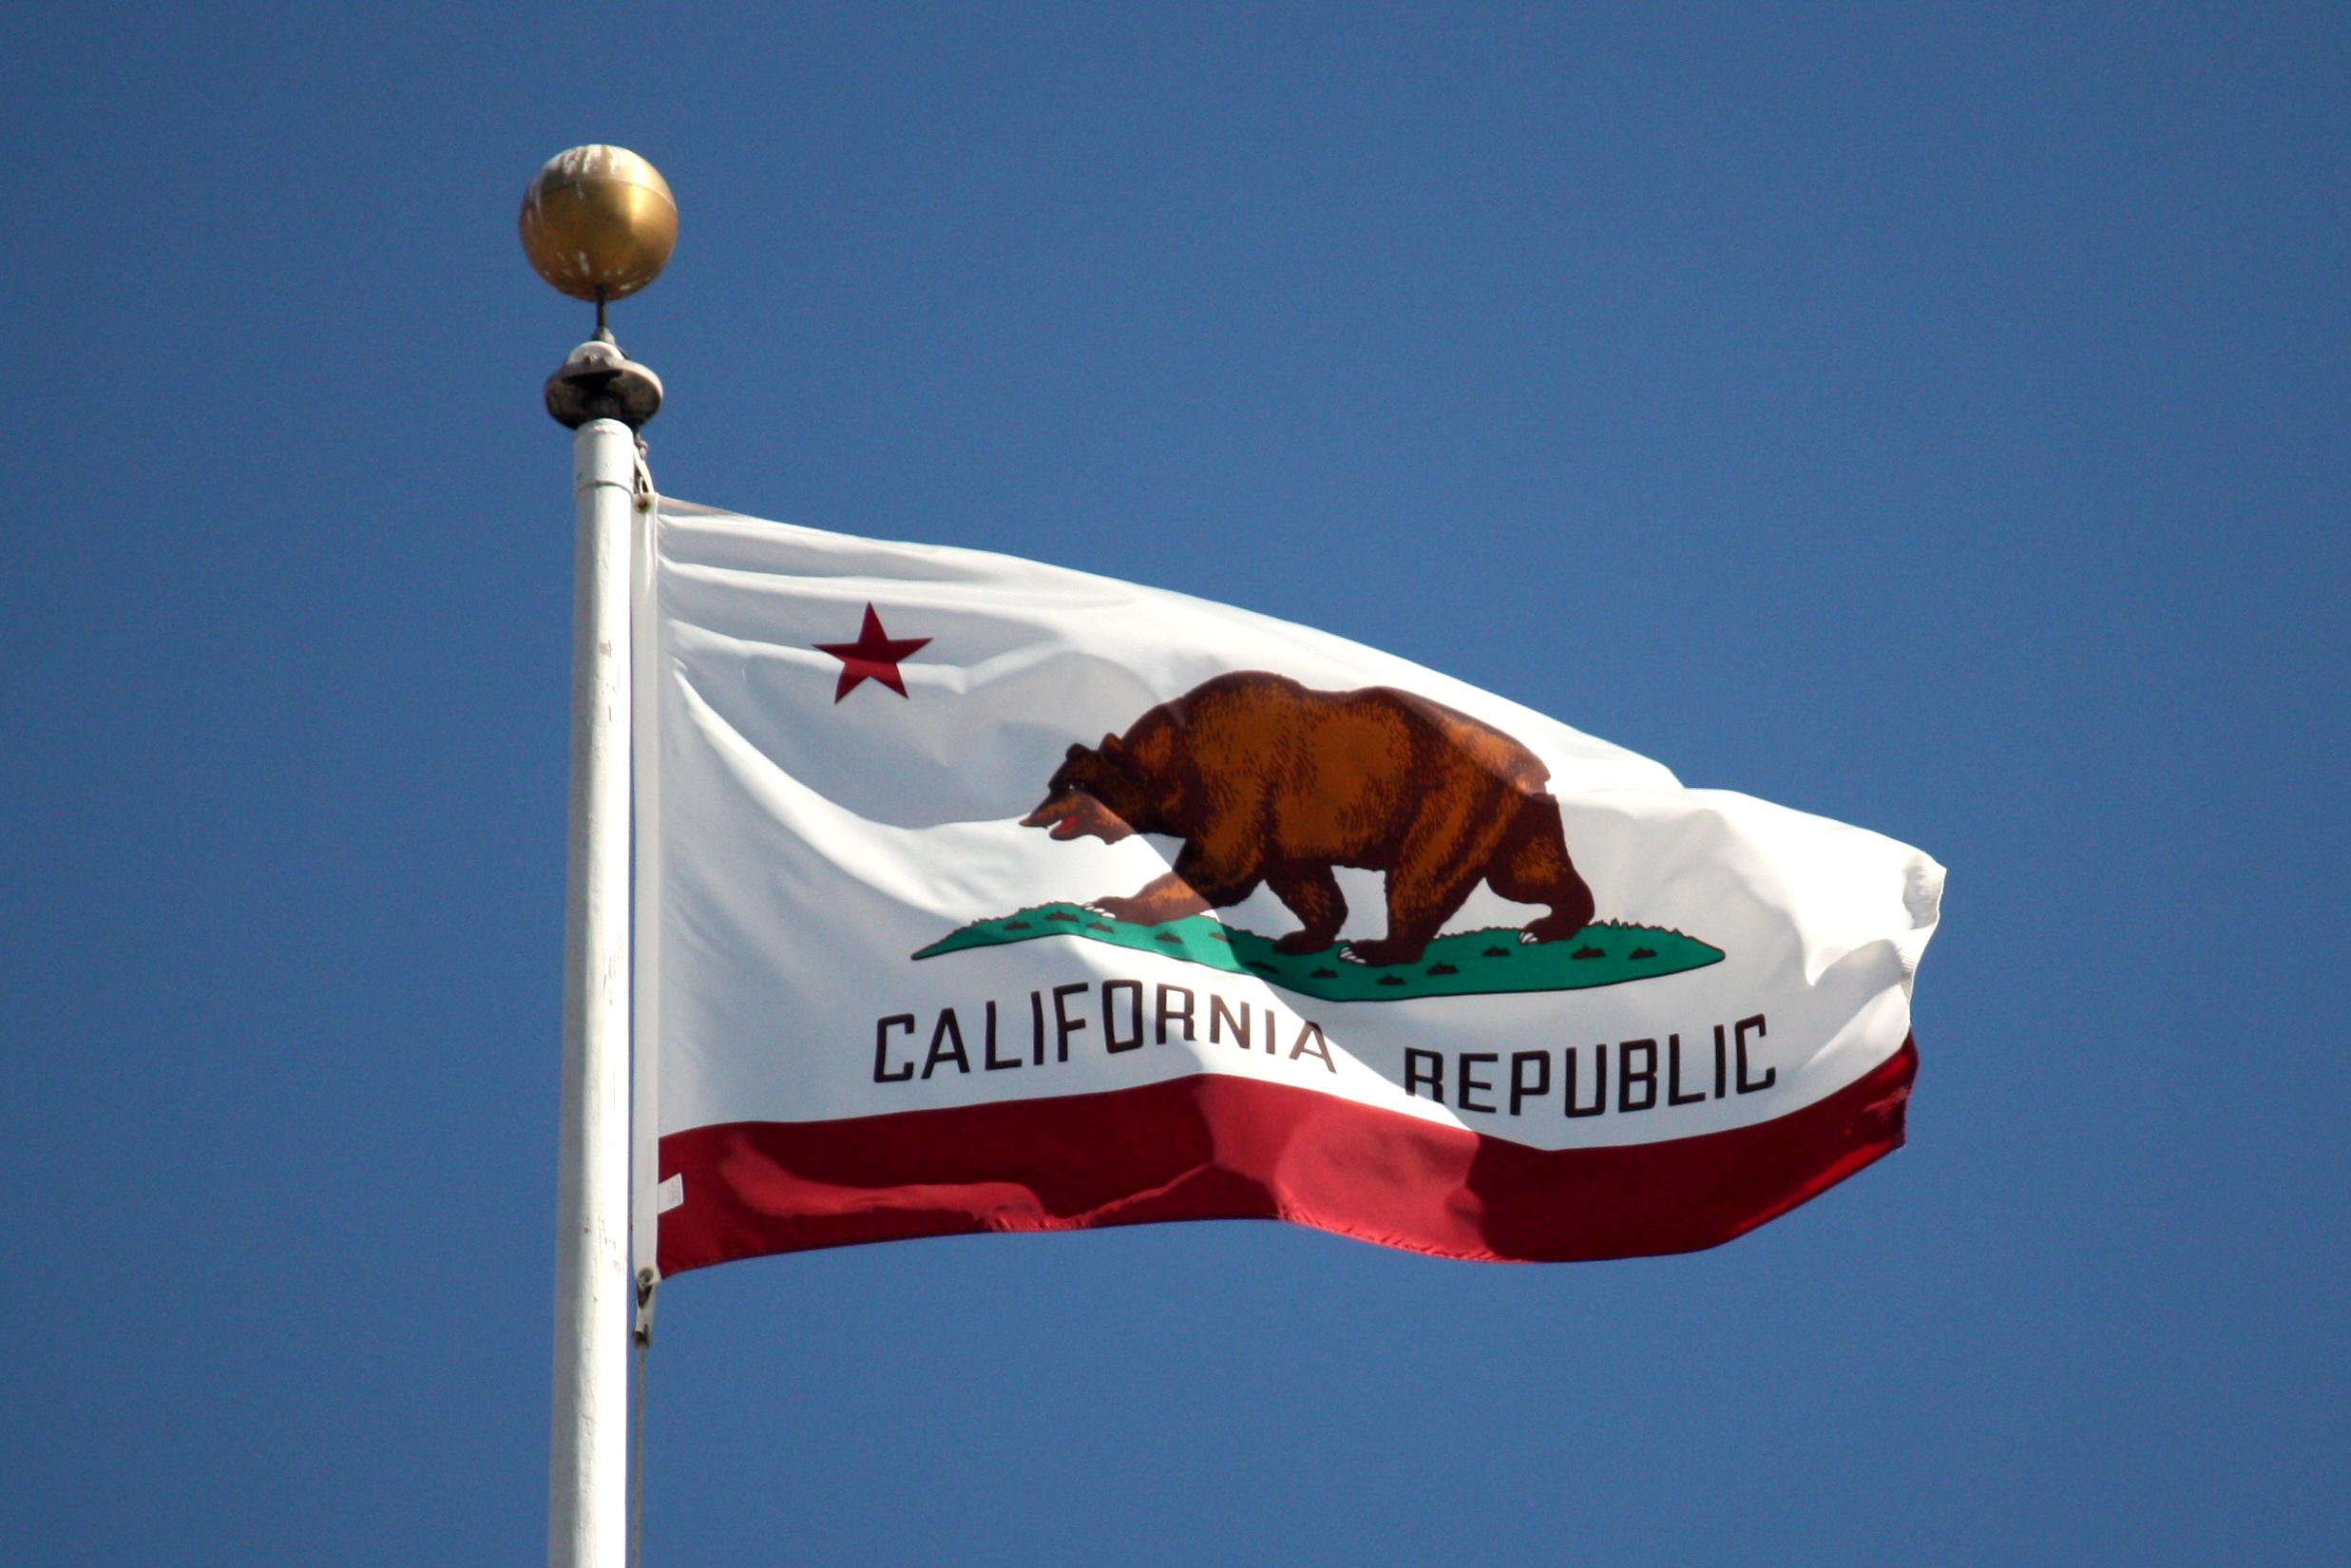 California se divide en seis estados, segun propuesta